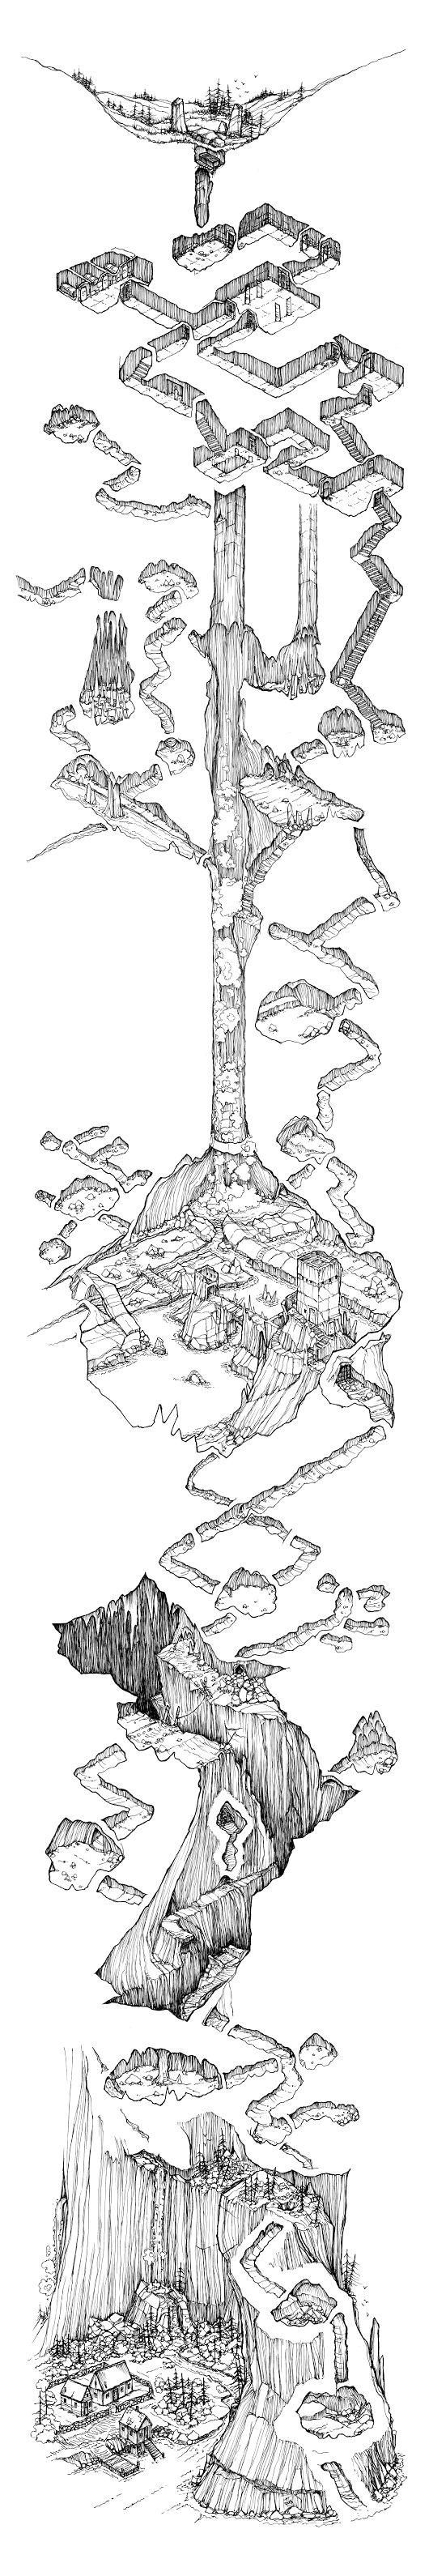 Mundos subterraneos                                                                                                                                                                                 Más